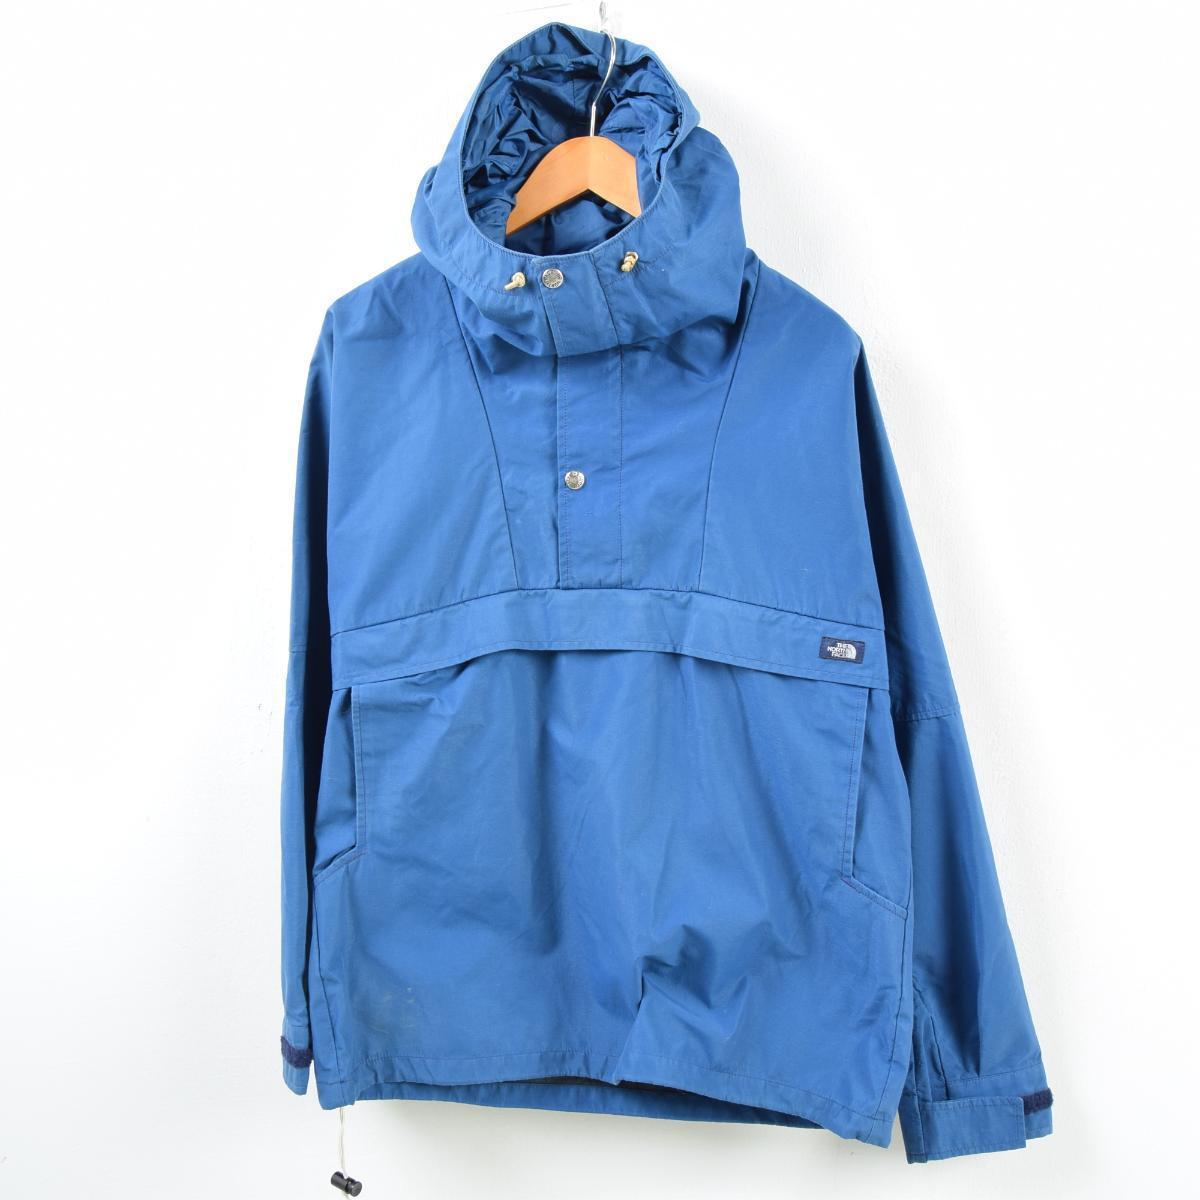 e17bd24e5 80s the North Face THE NORTH FACE dark blue tag GORE-TEX Gore-Tex anorak  parka men L vintage /wbb4692